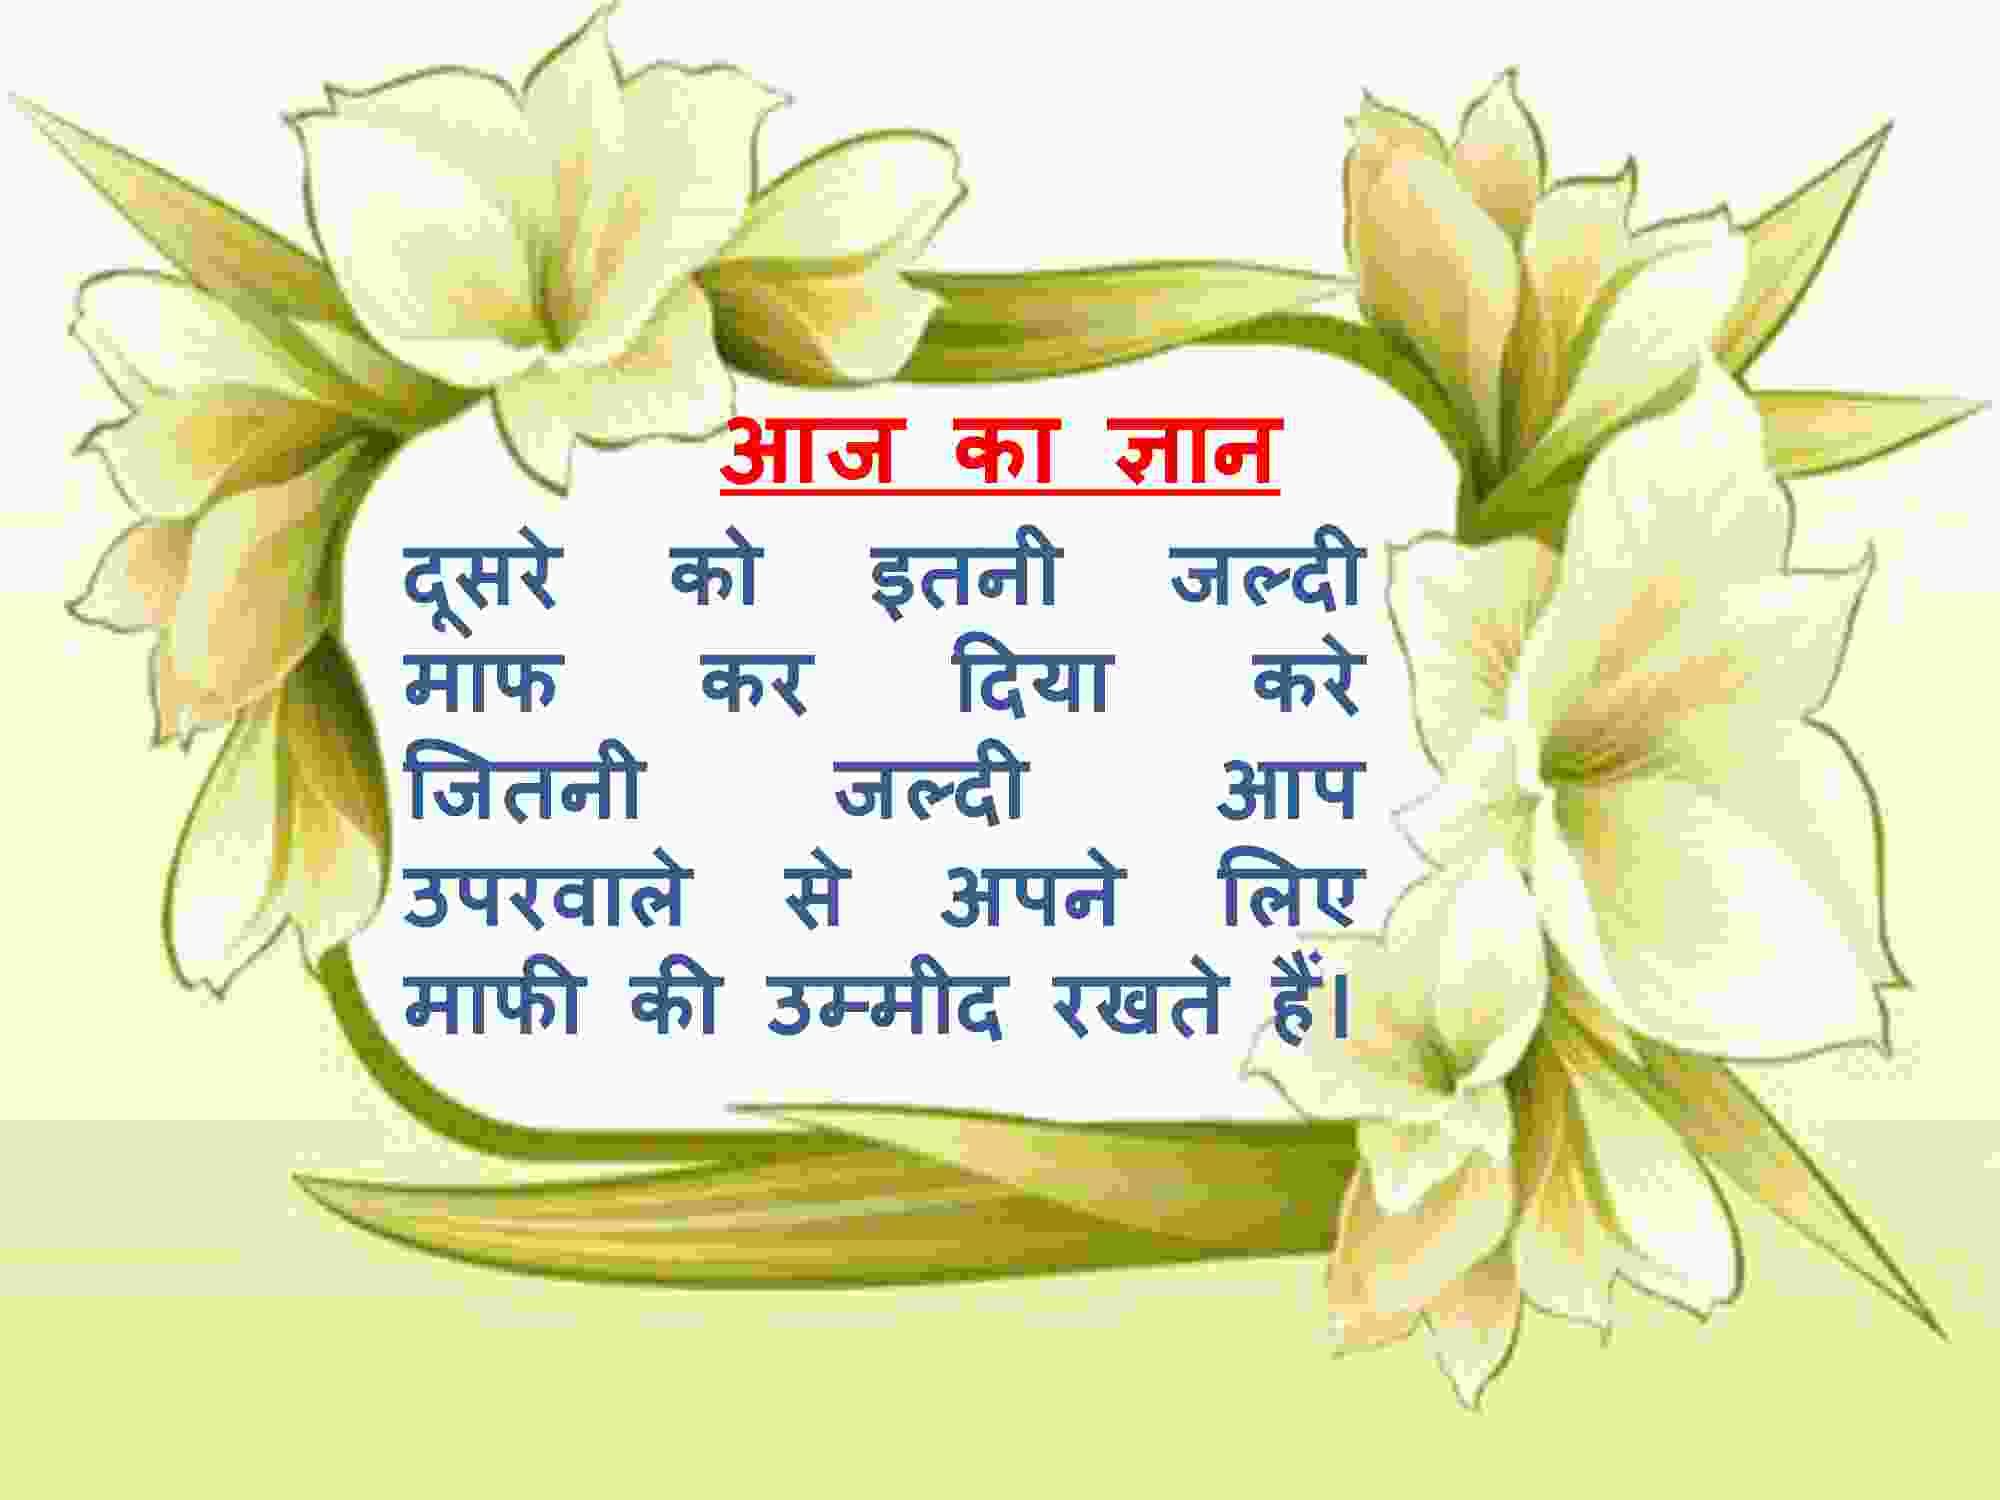 सुविचार हिंदी में - Aaj ka vichar in hindi